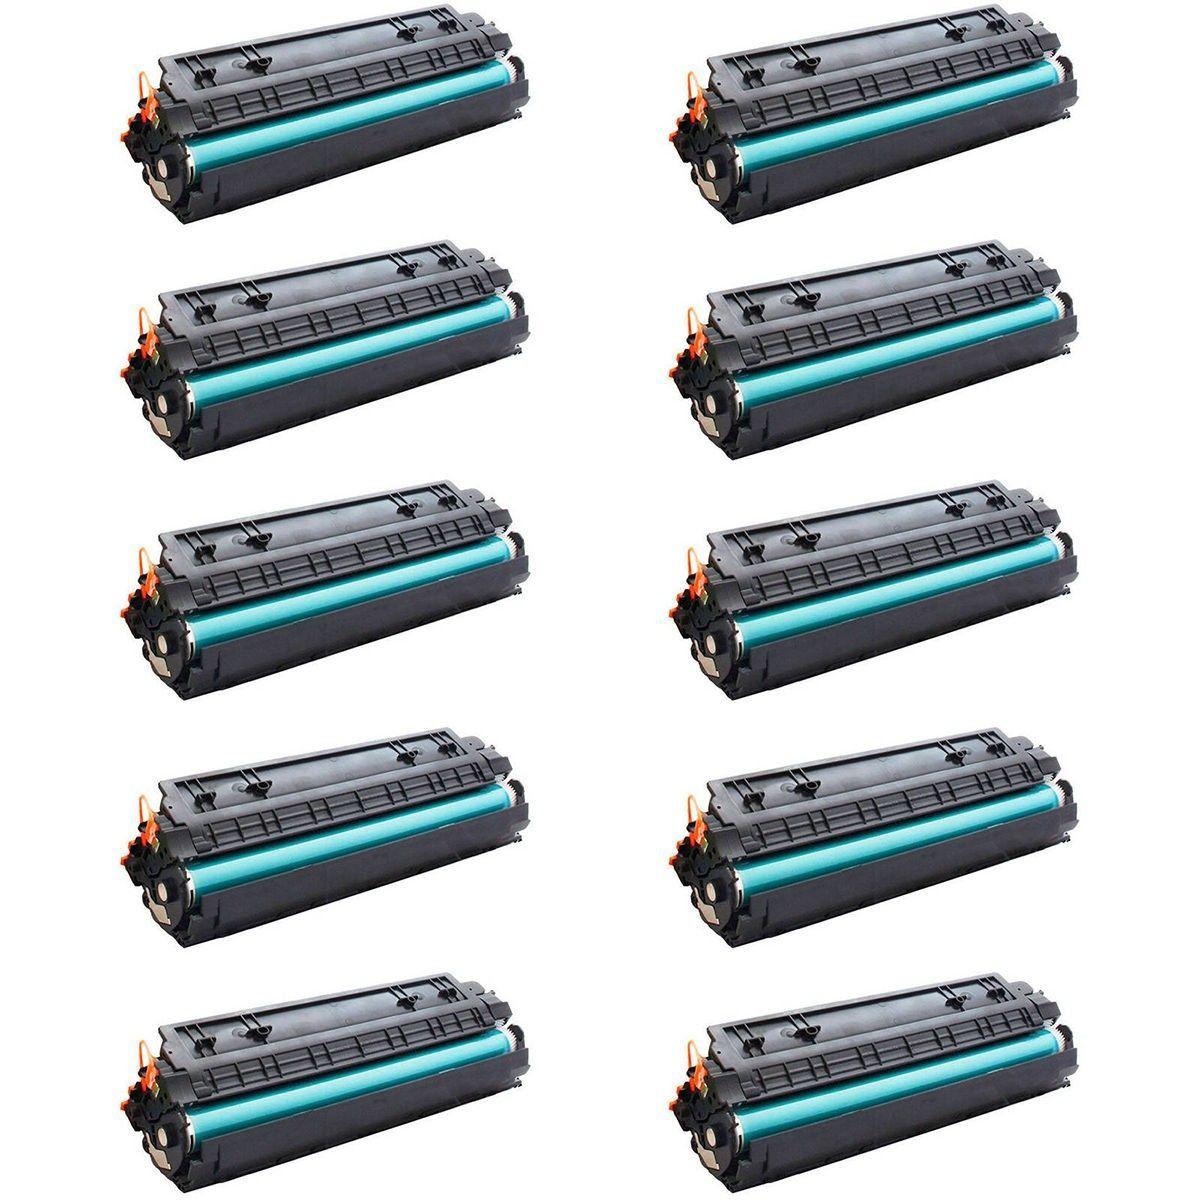 Compatível: Kit 10x Toner CB435A CB436A CE285A para HP P1102w P1102 P1109w M1132 M1120 M1522 1102w / Preto / 1.800